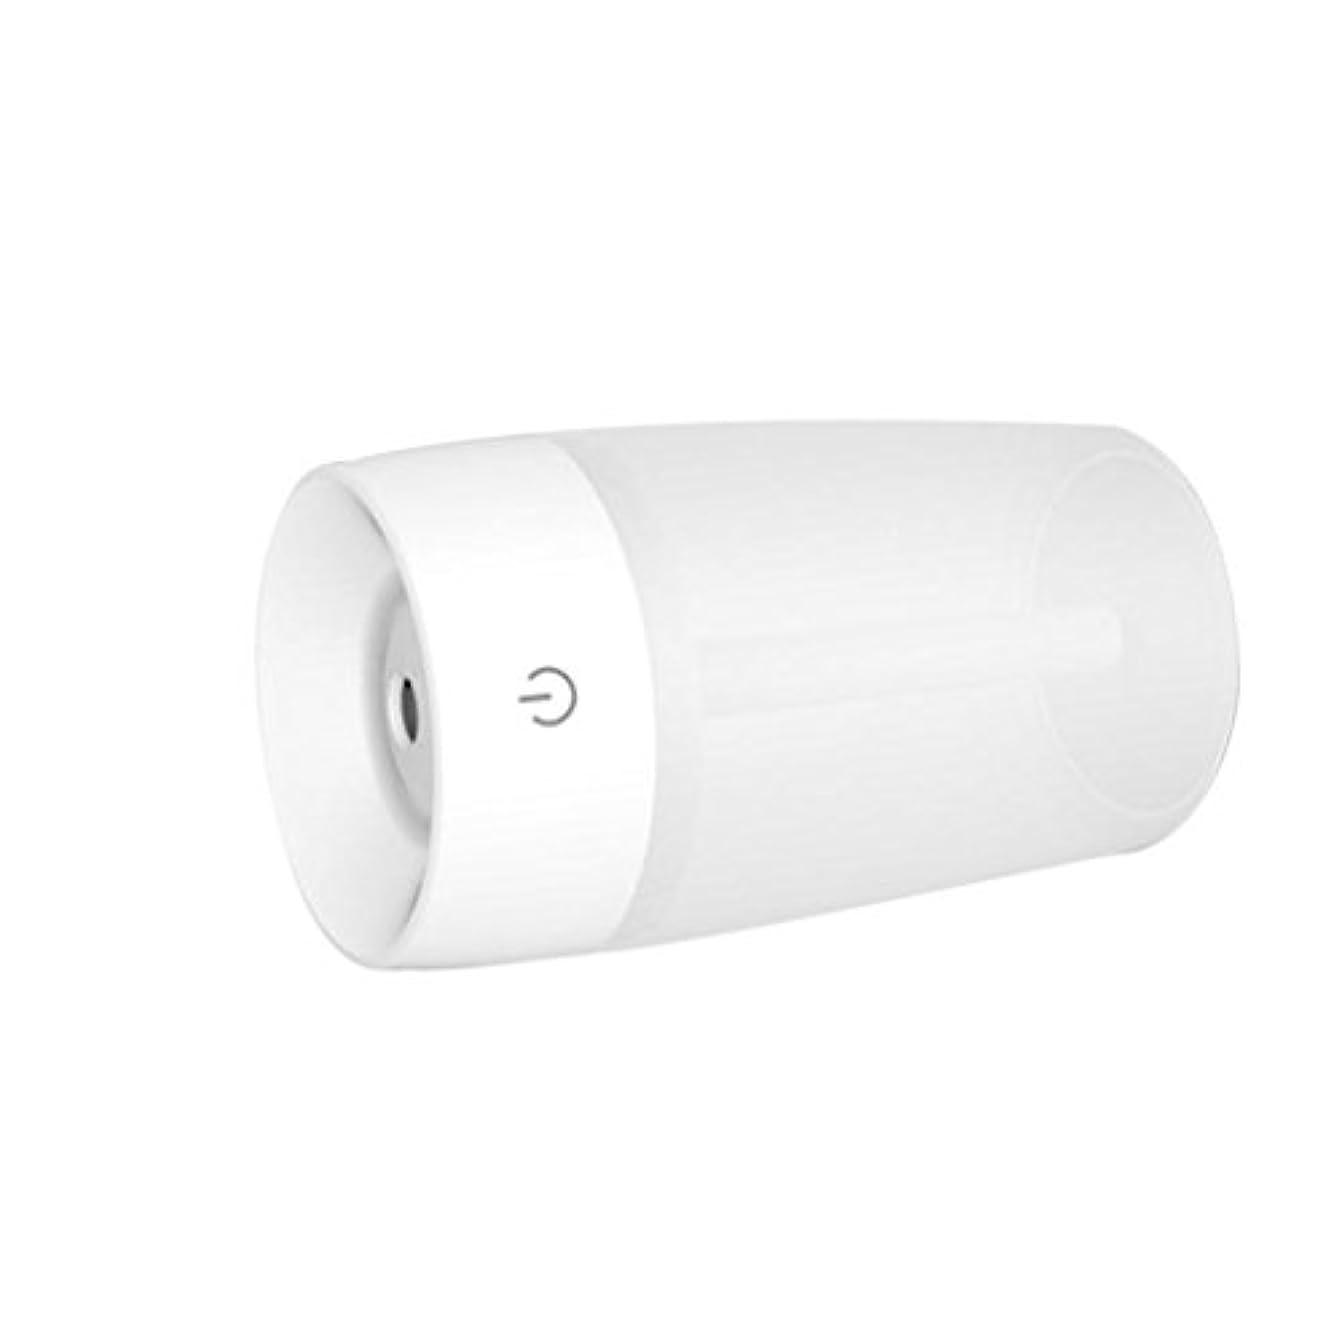 宝関係愛加湿器 USB カップ形状 ポータブル アロマディフューザー 空気 アトマイザー 全3色 - 白い